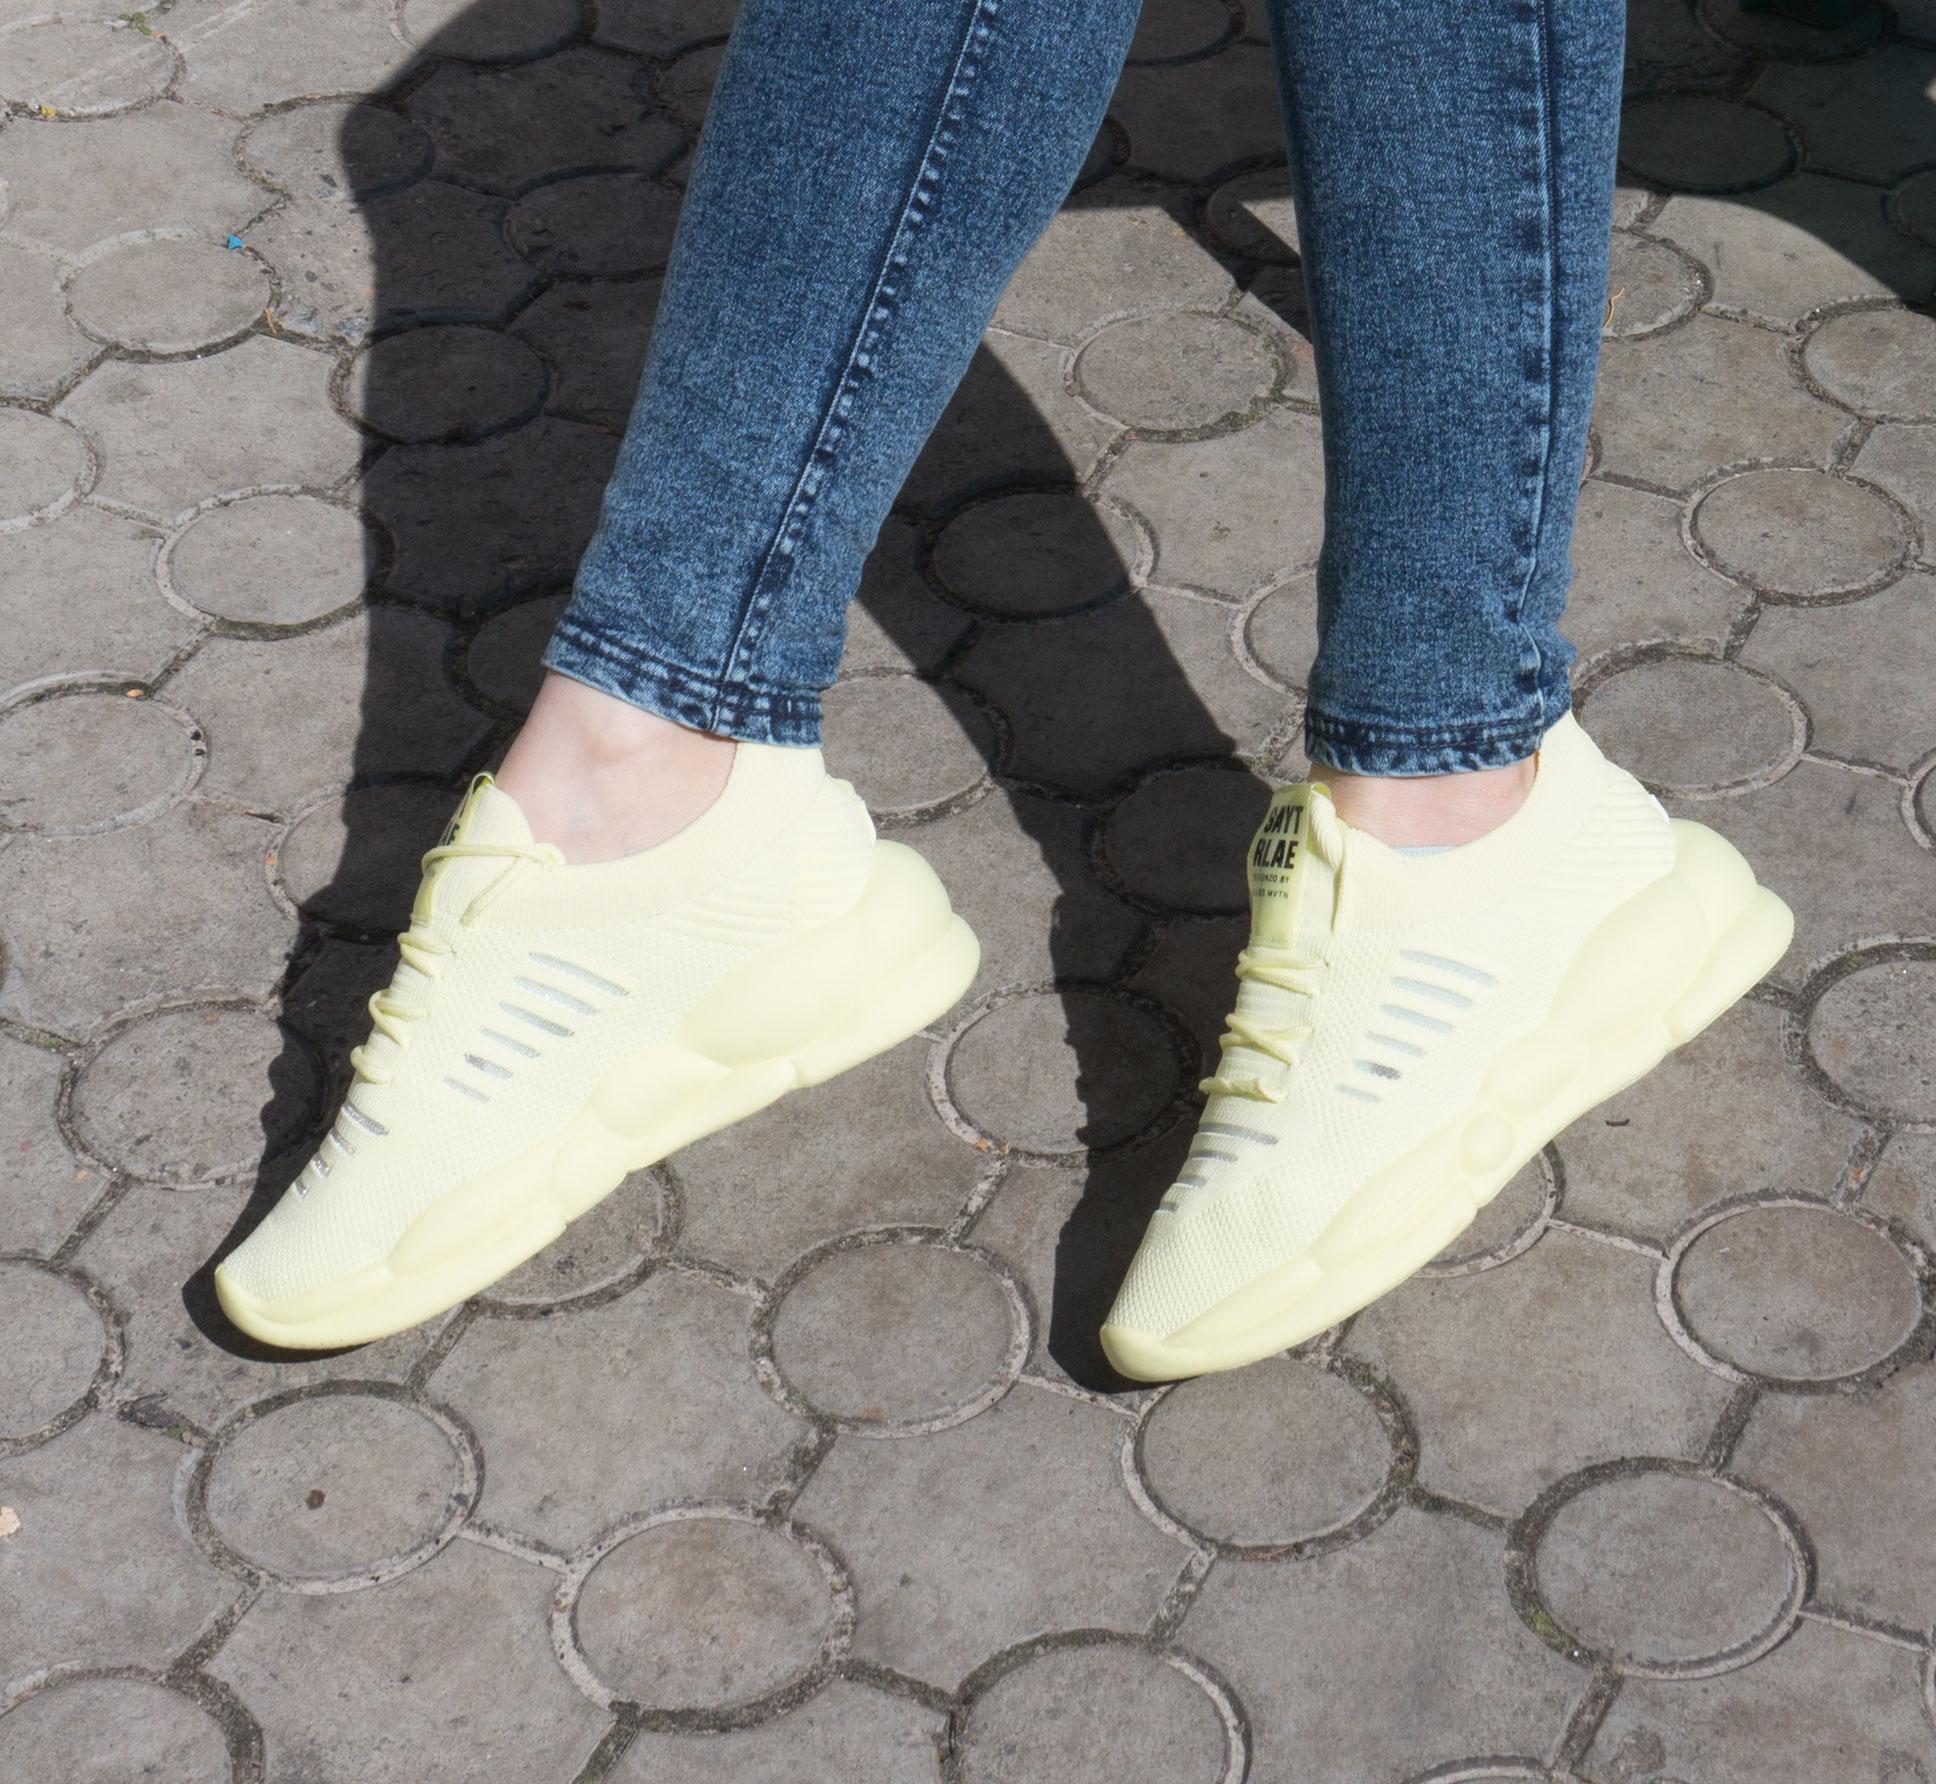 фото - Женские кроссовки Loris Bottega WG-J02 лимонные. на ноге.